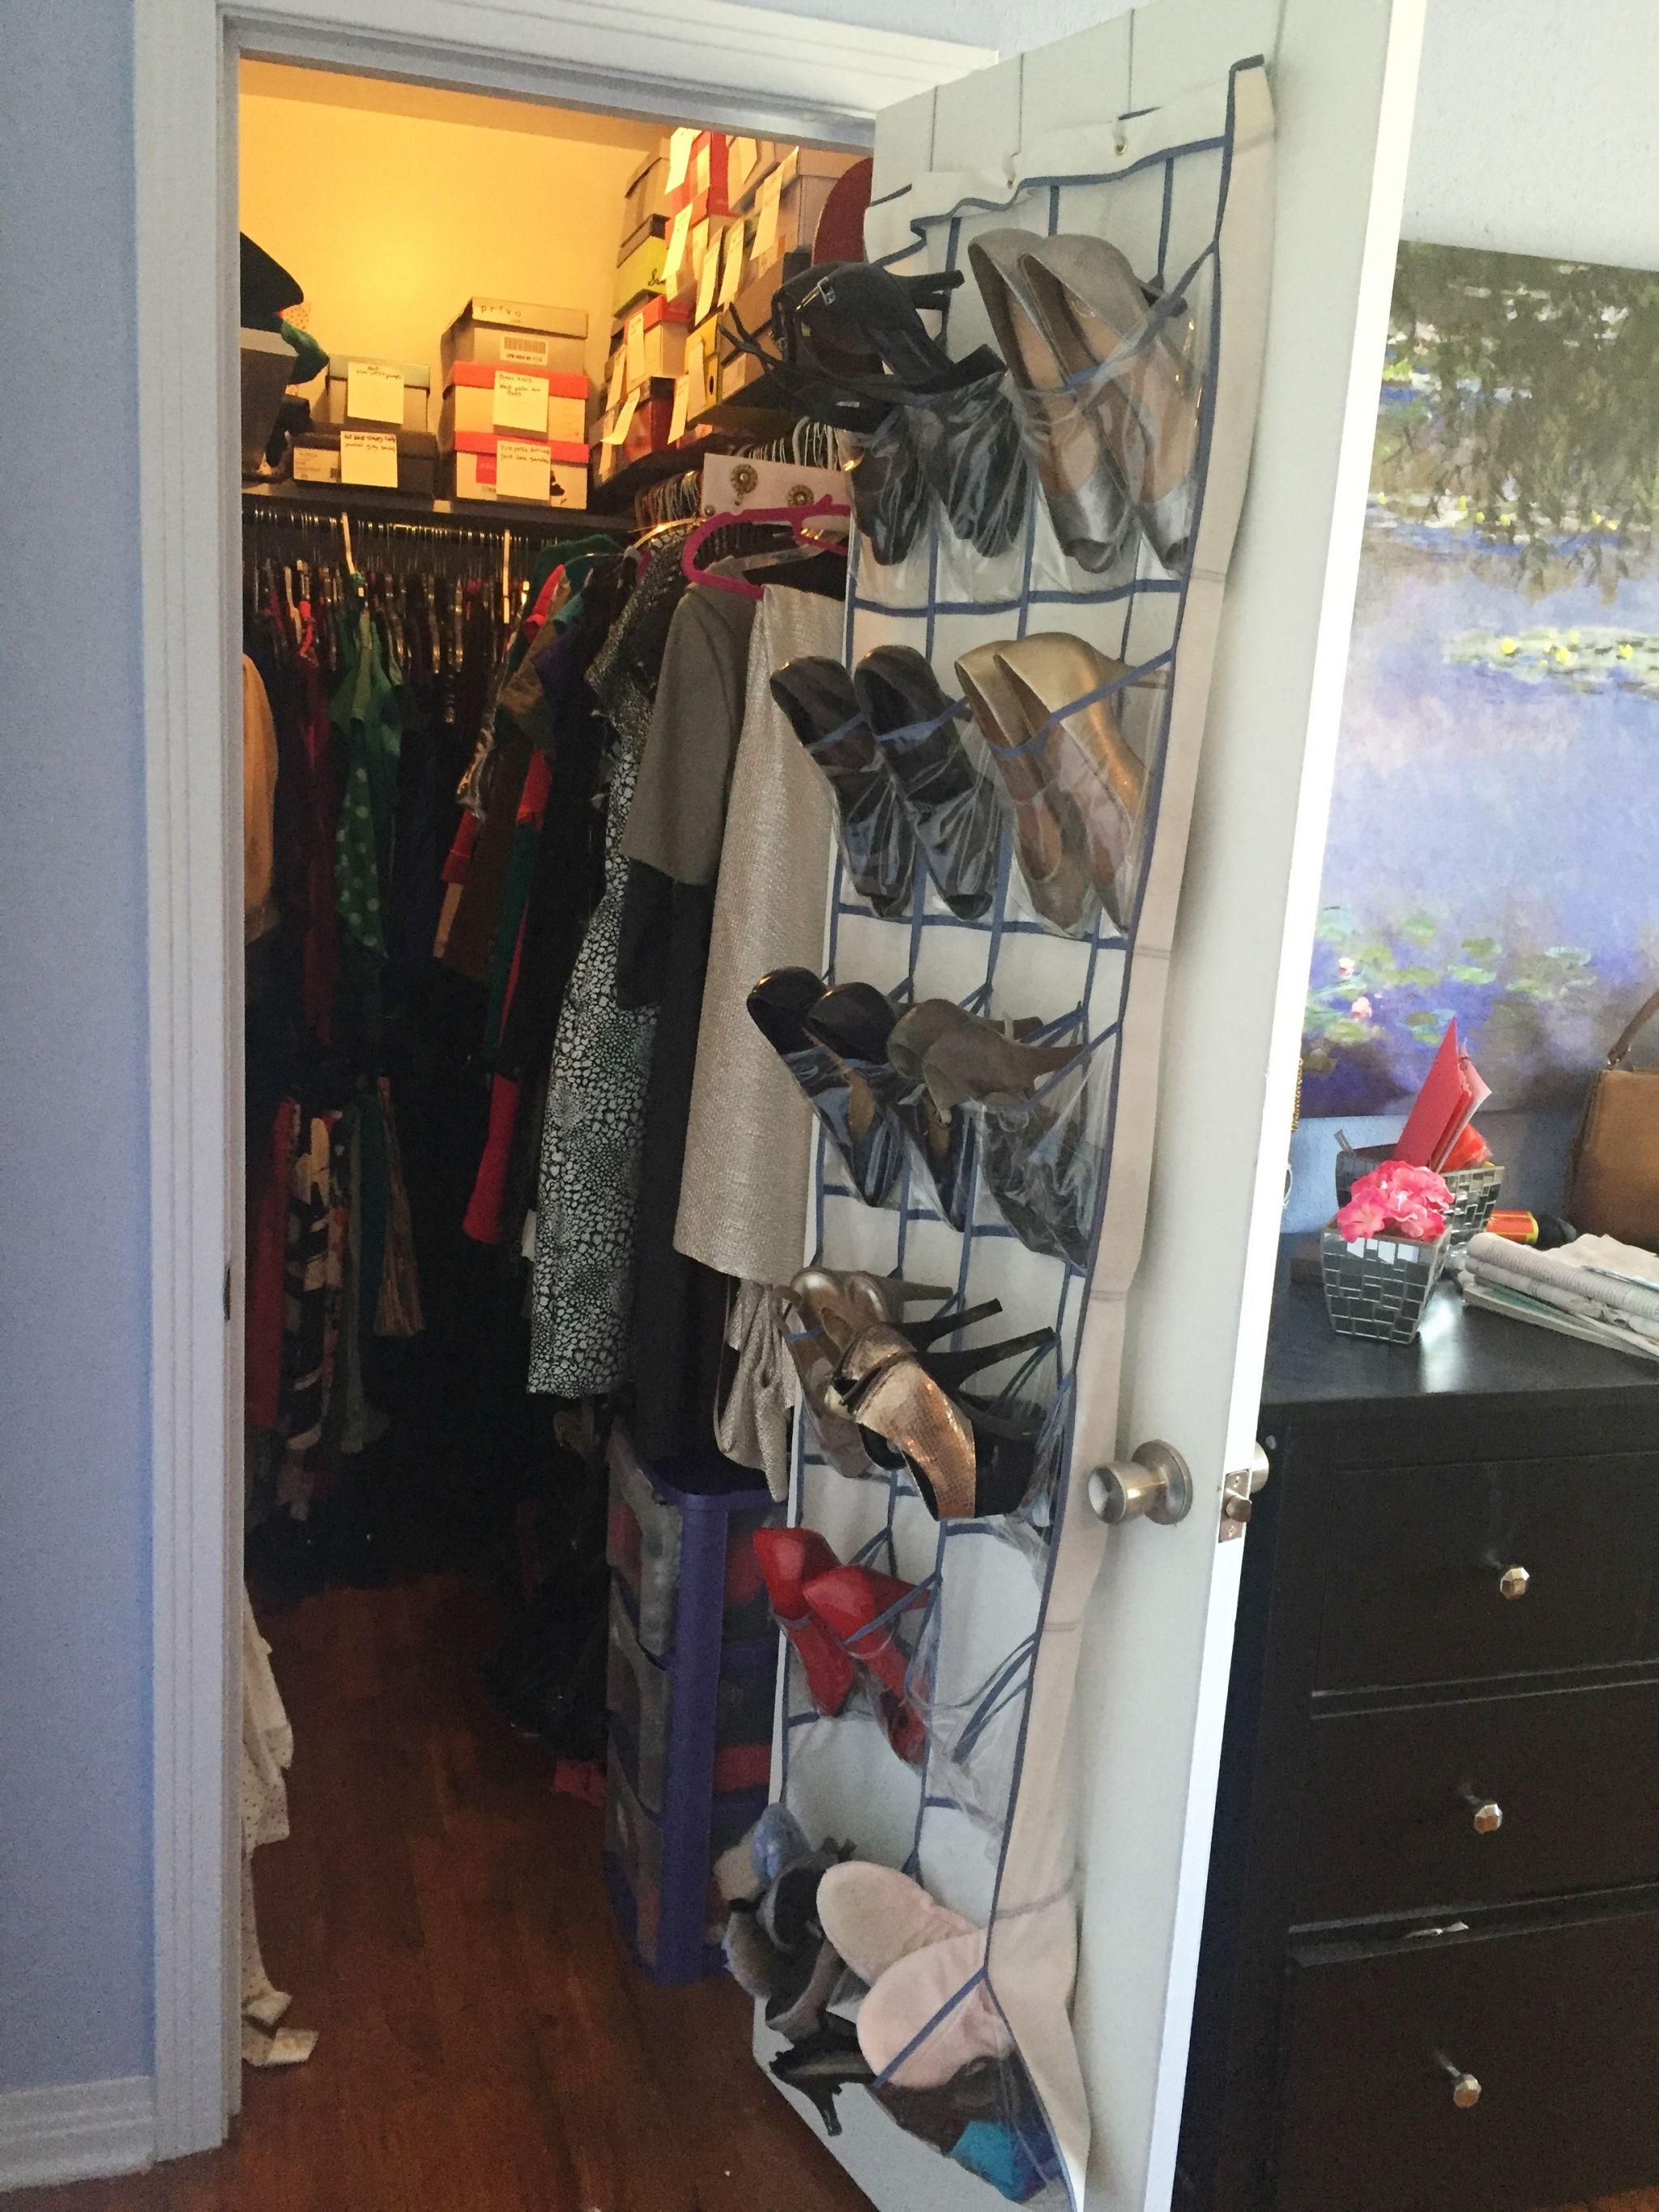 shoe storage over-the-door organizer